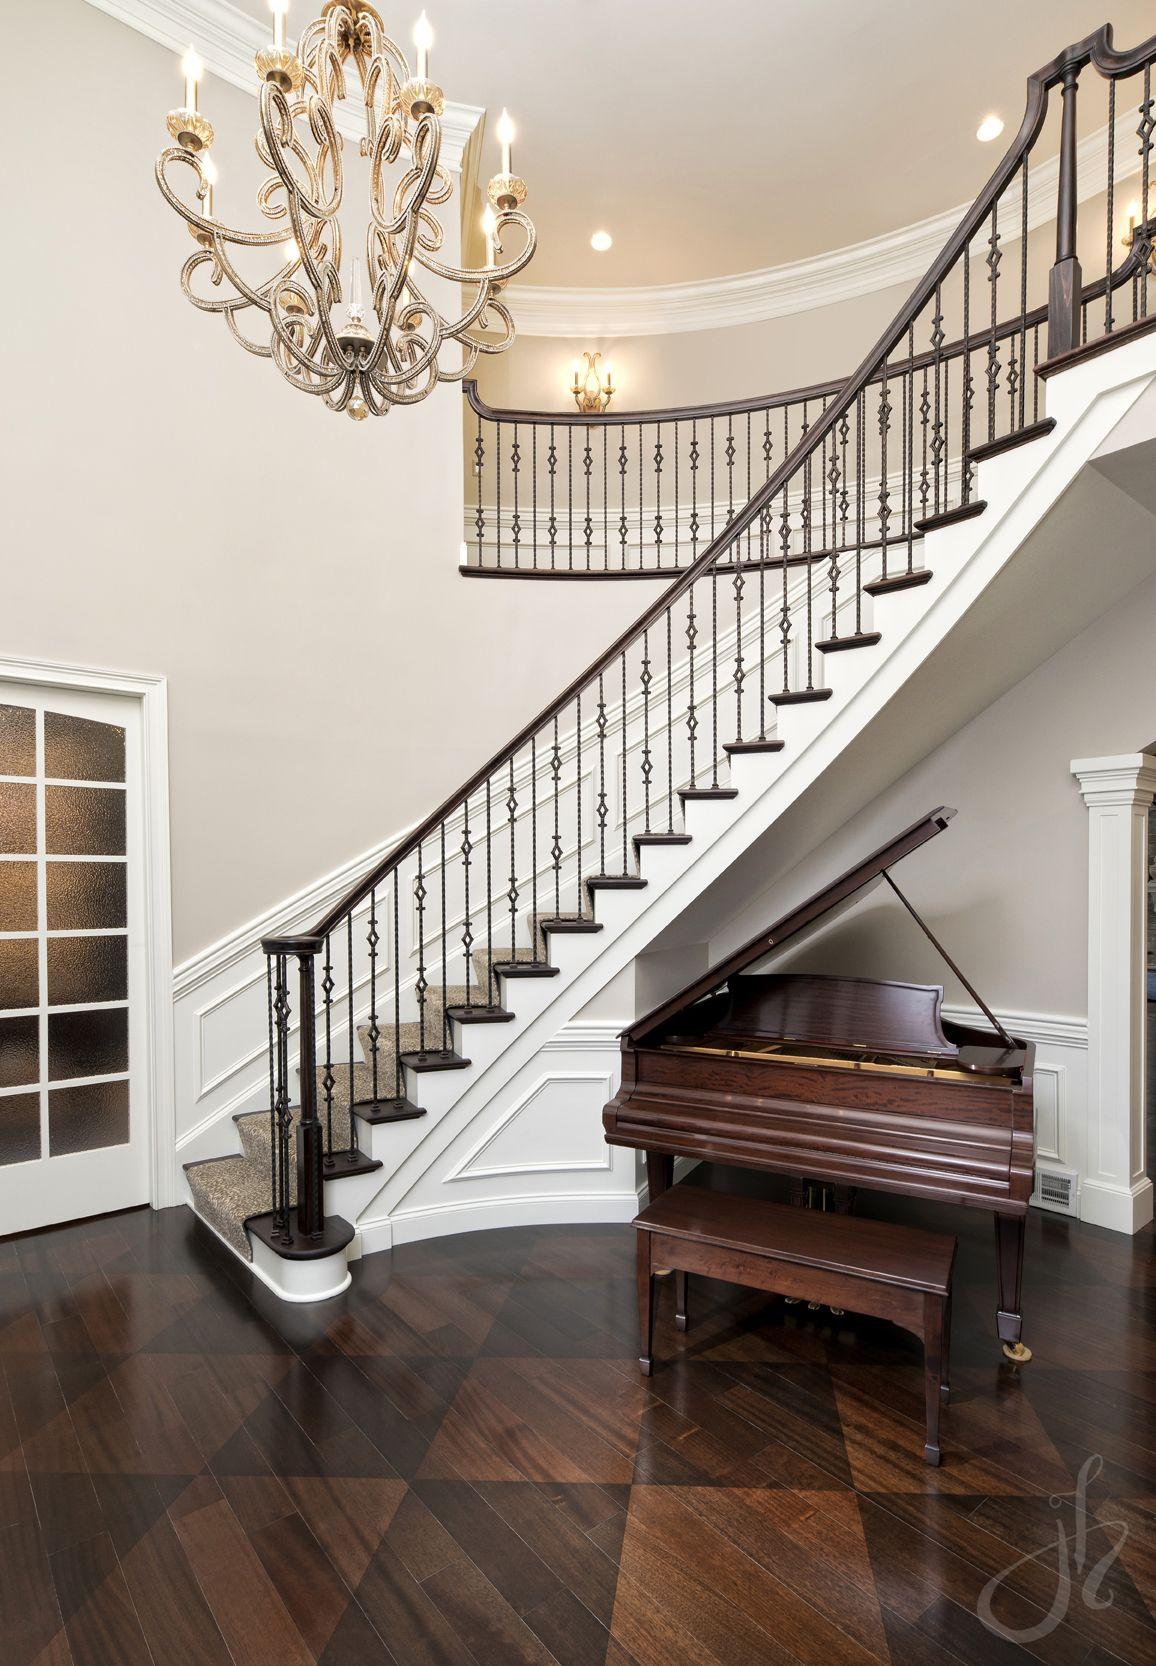 Best Stair Runner Grand Foyer Luxury Foyer Crystal Chandelier 400 x 300